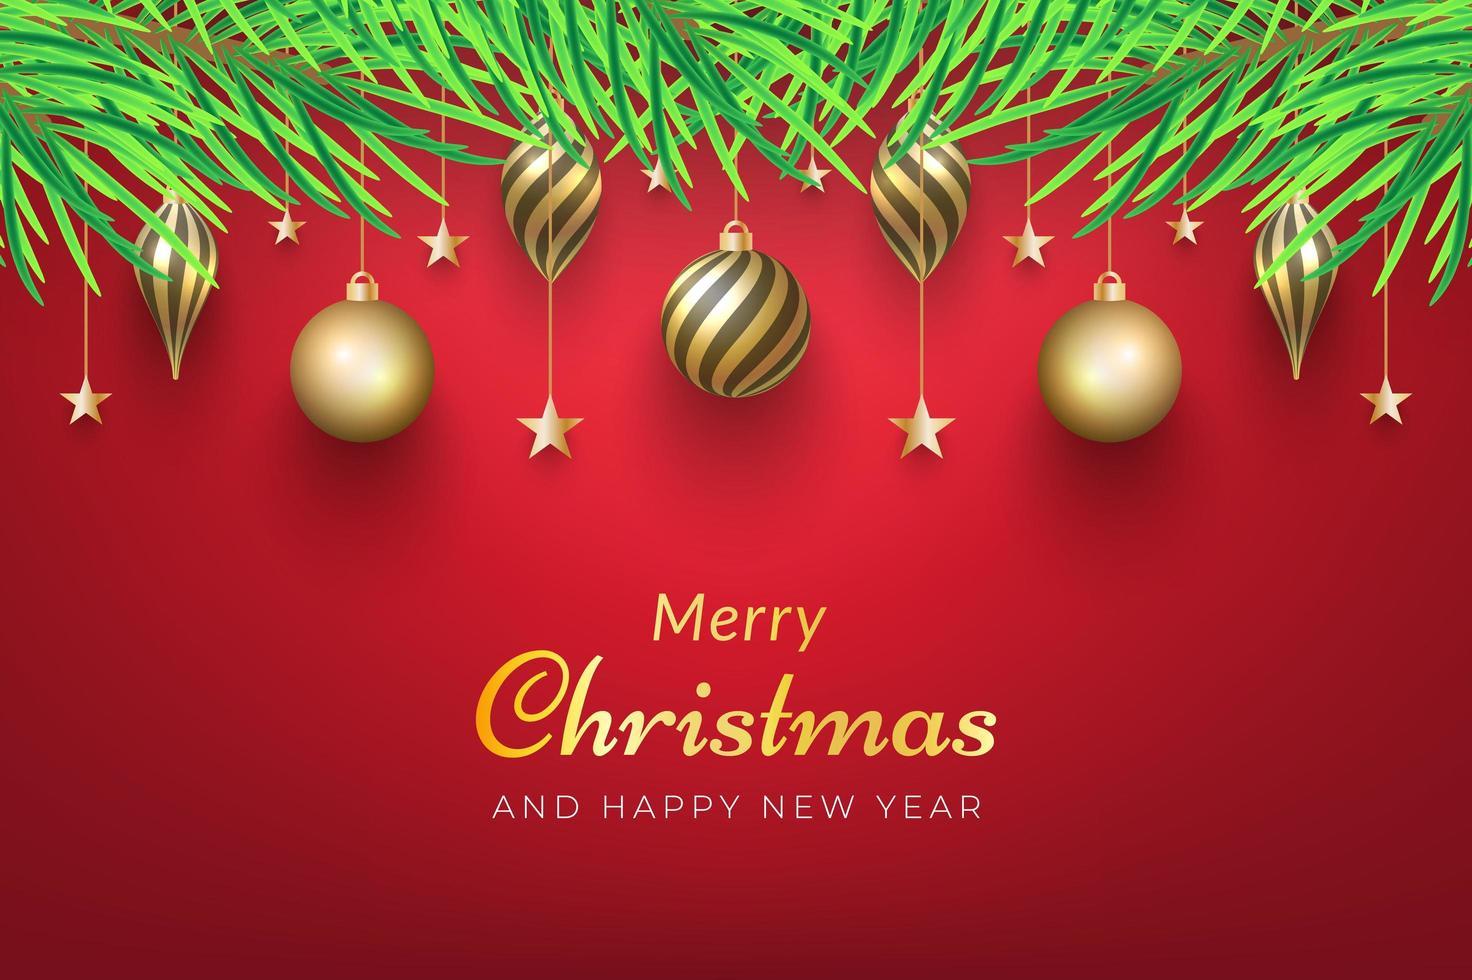 sfondo di Natale con ornamenti d'oro vettore